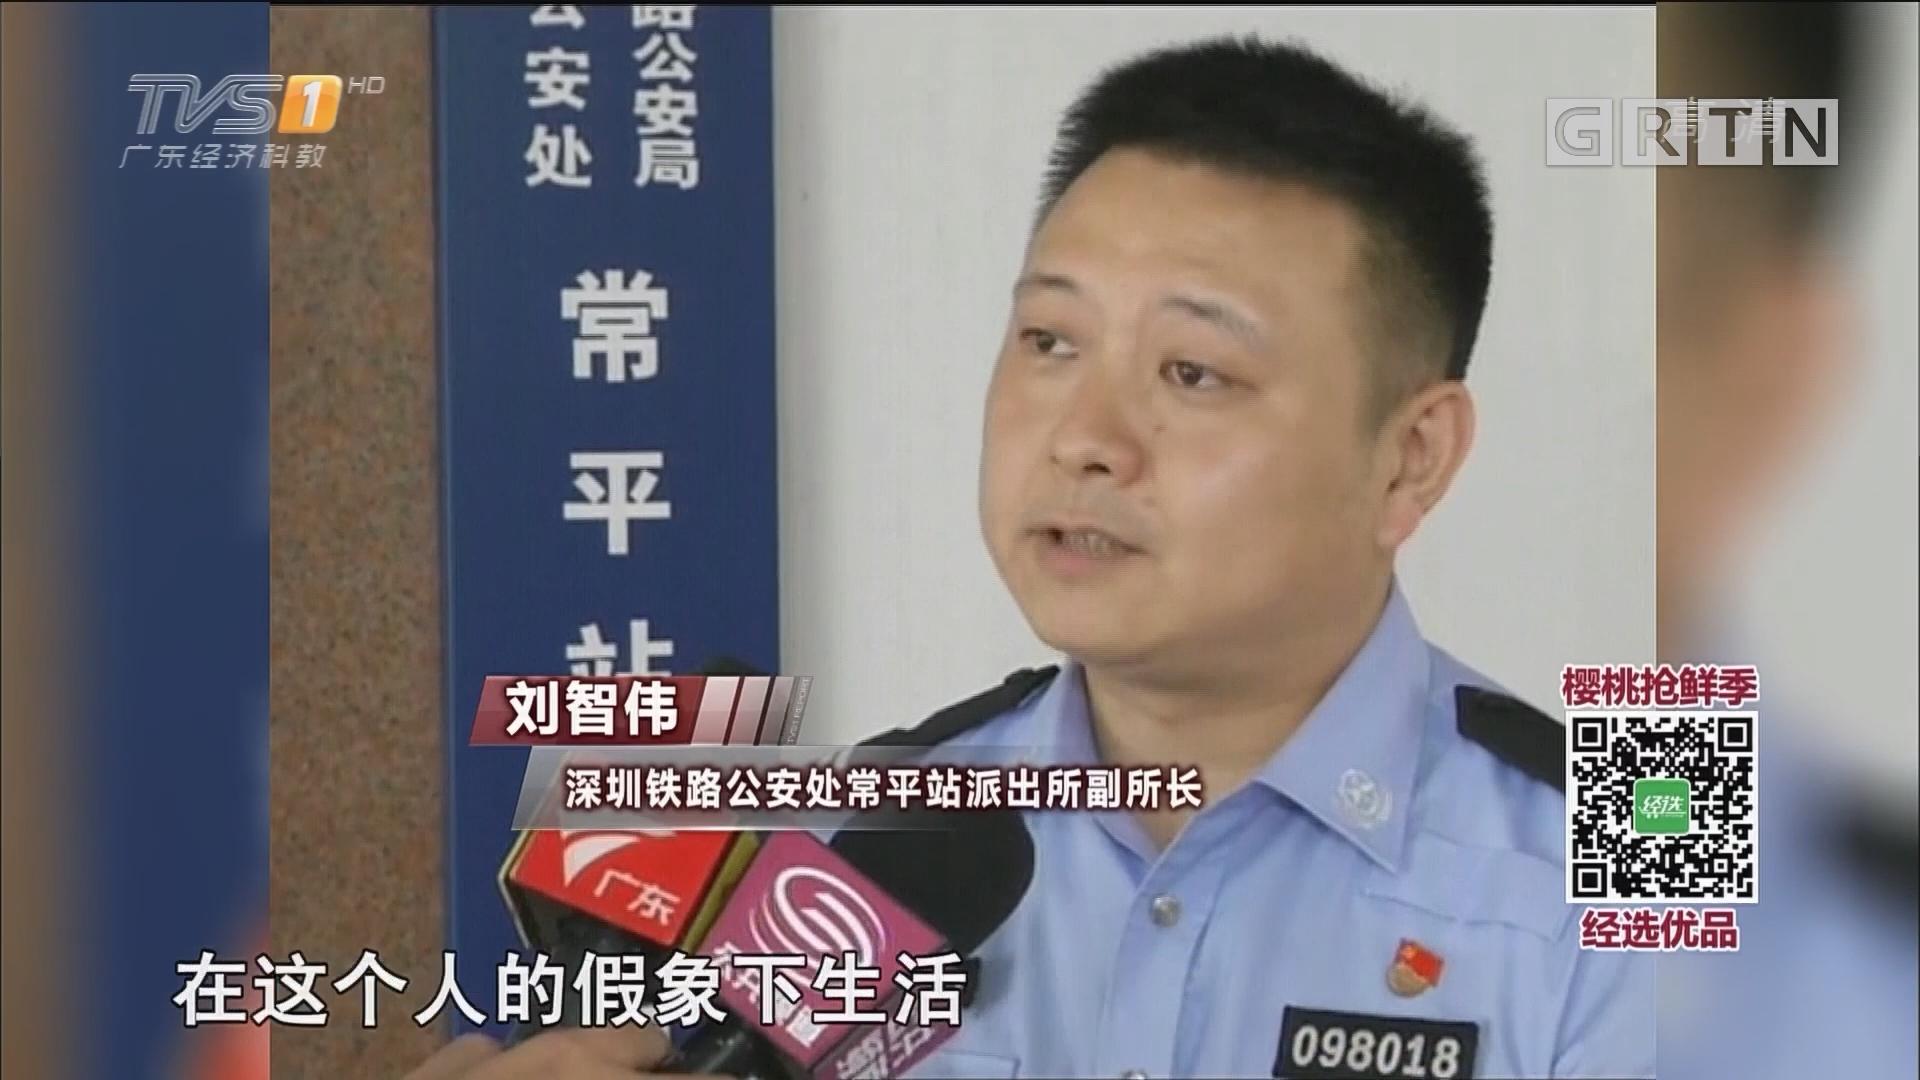 深圳:男子非法集资3.2亿潜逃 隐姓埋名15年难逃法网